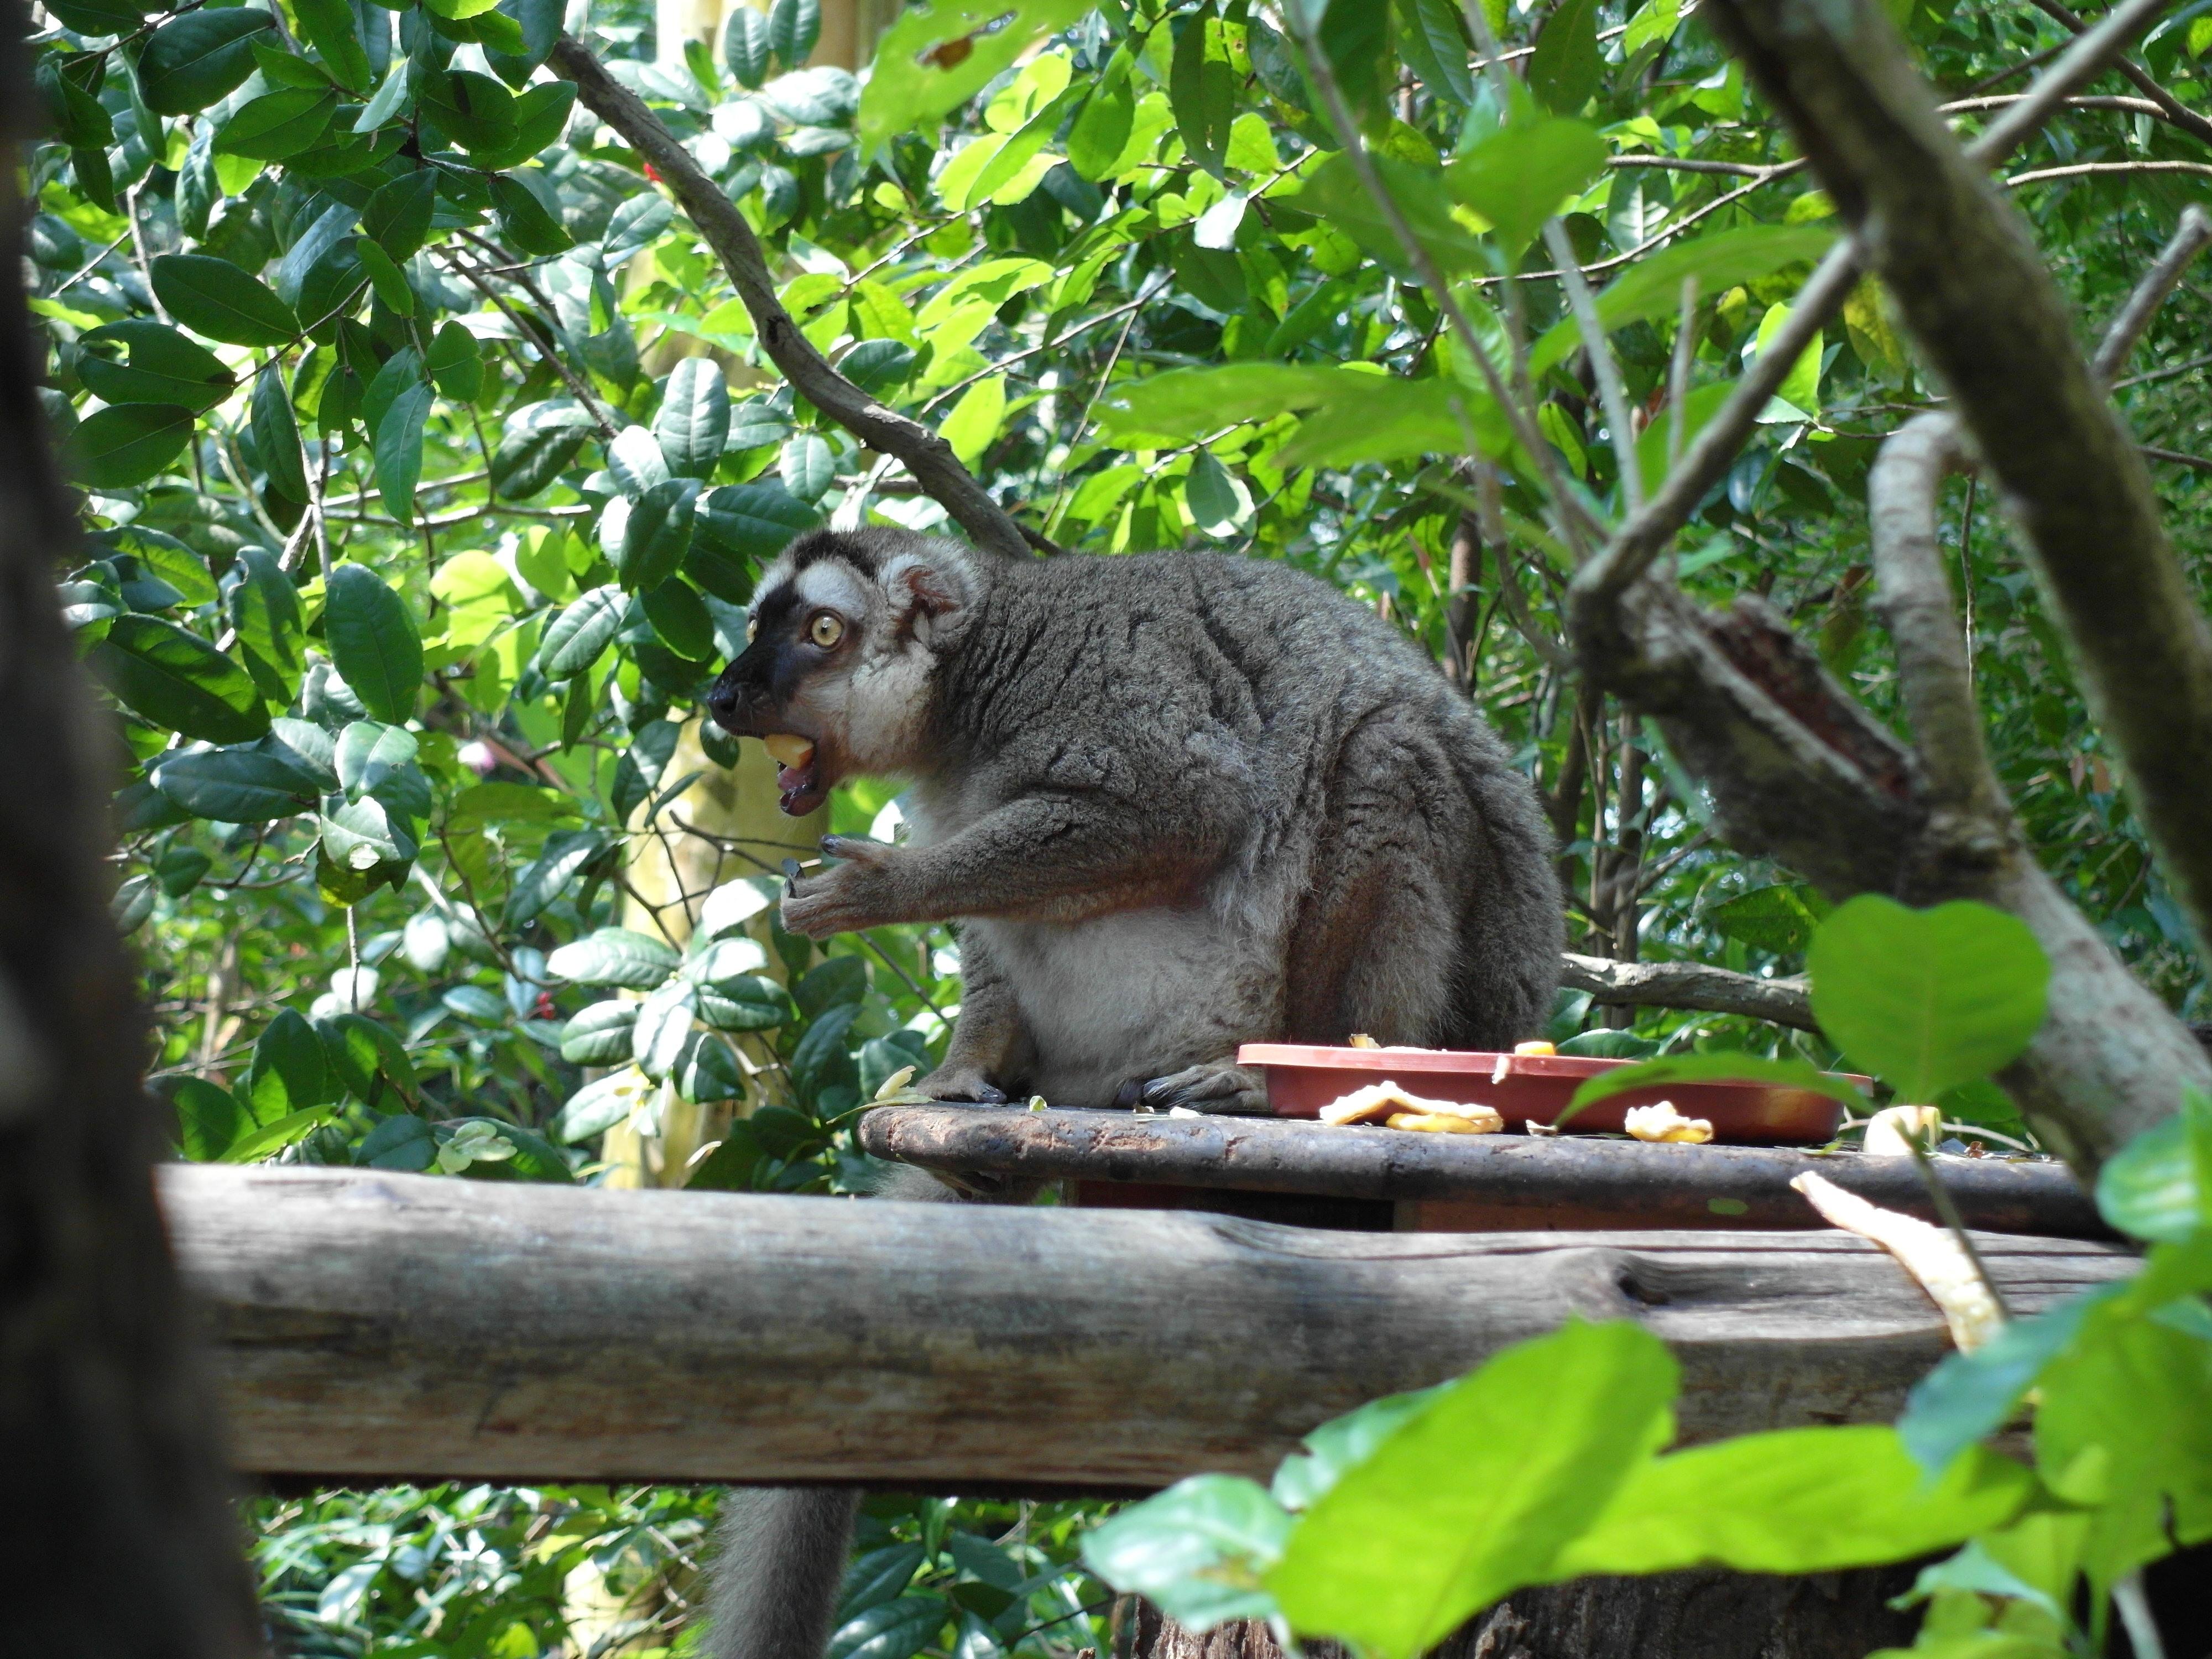 Тонкотелый лемур или лепилемур (Lepilemur randrianasoloi), Зоопарк Сингапура